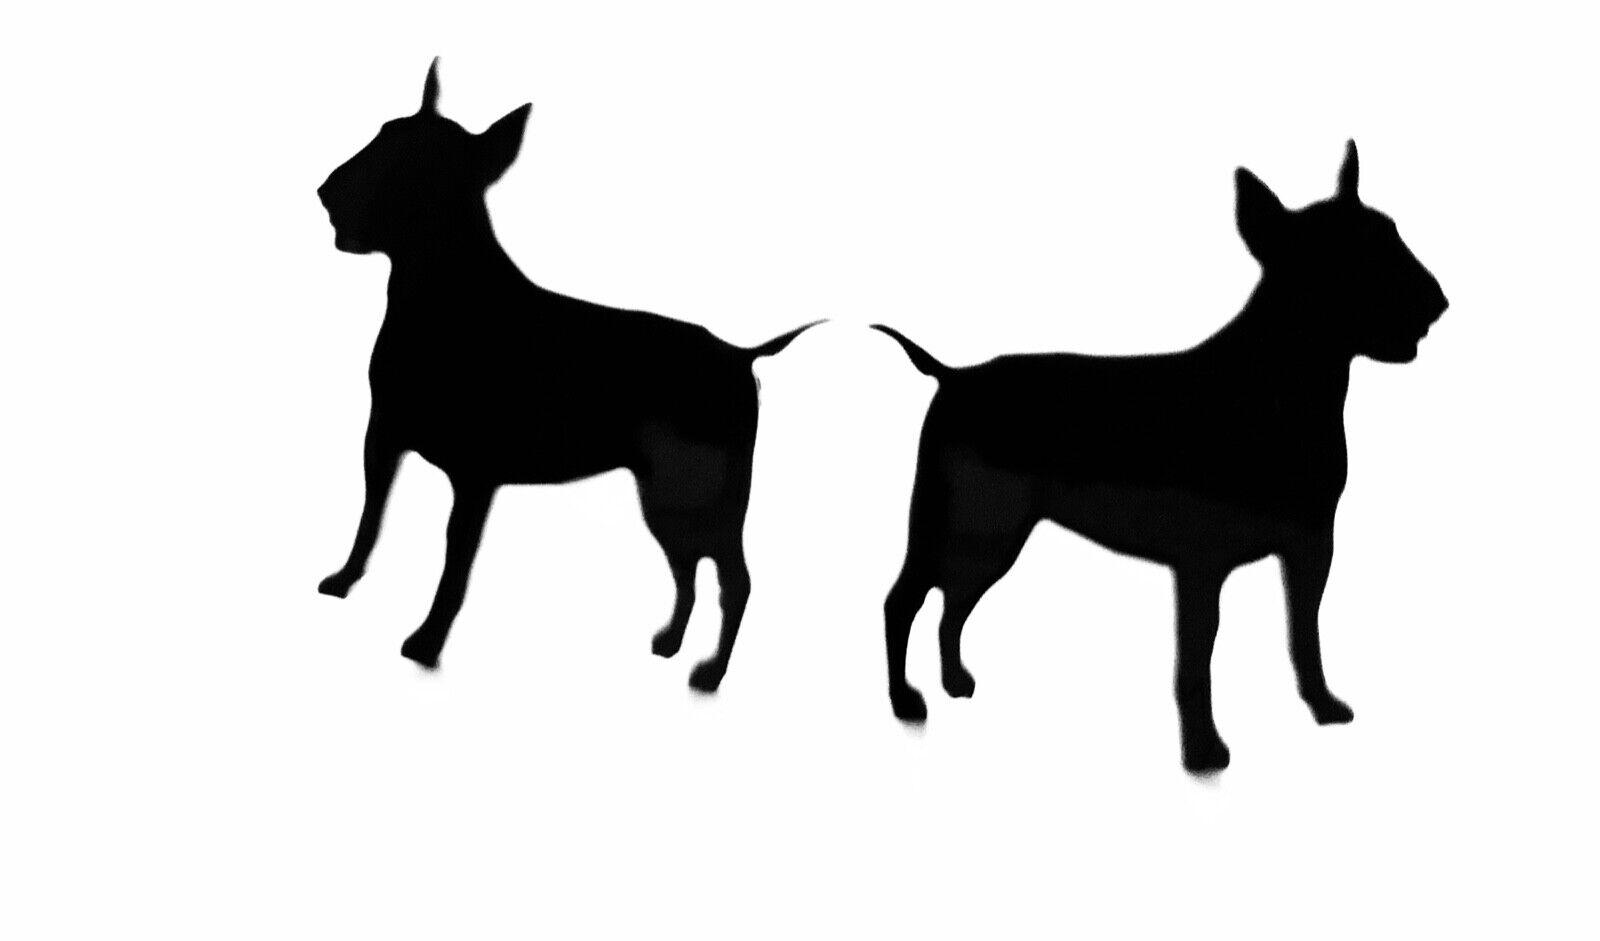 Anglais bull terrier chien boutons manchette hommes nouveauté chemise en noir